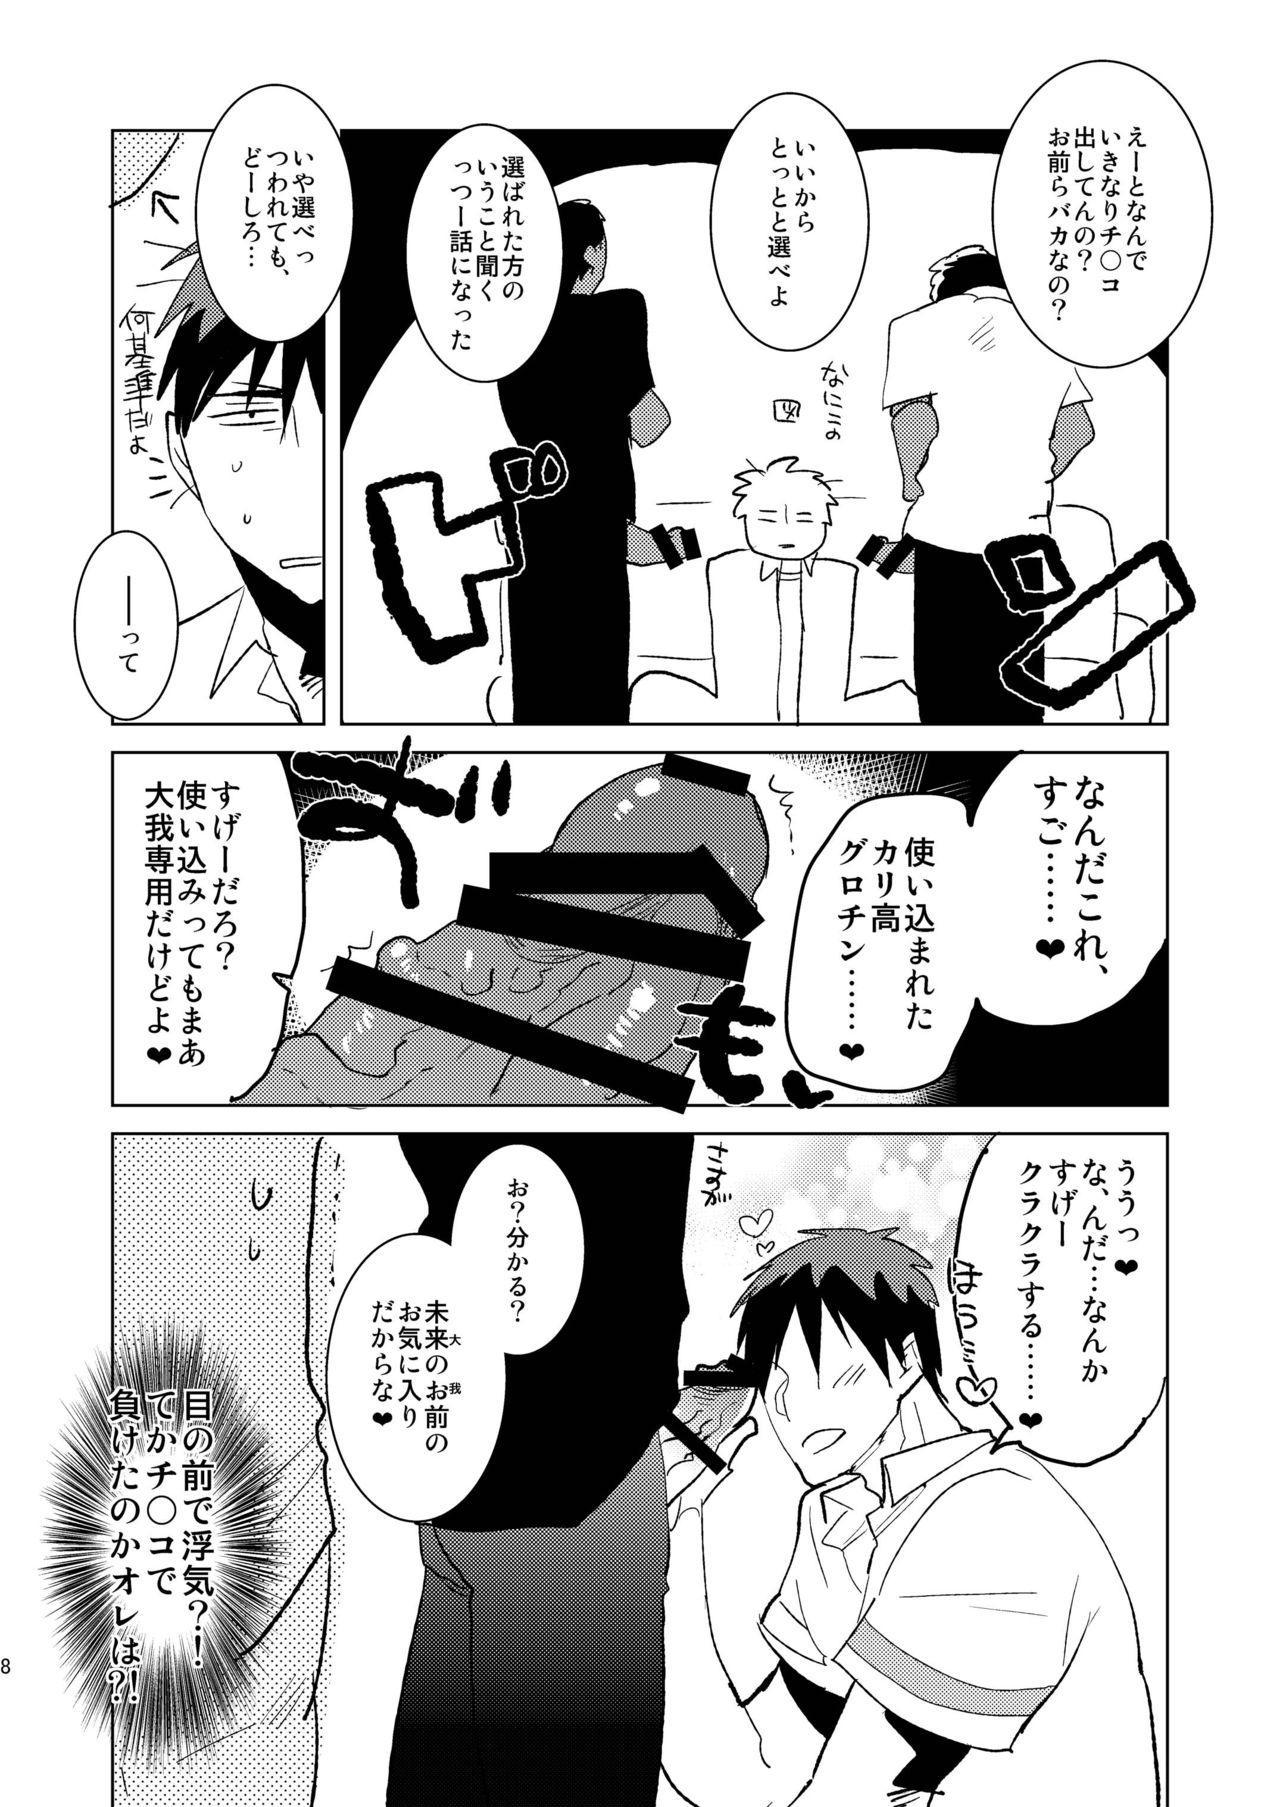 [archea (Sasagawa Nagaru)] Otona no Aomine-kun to (Seiteki ni) Asobou (Kuroko no Basuke) [Digital] 6